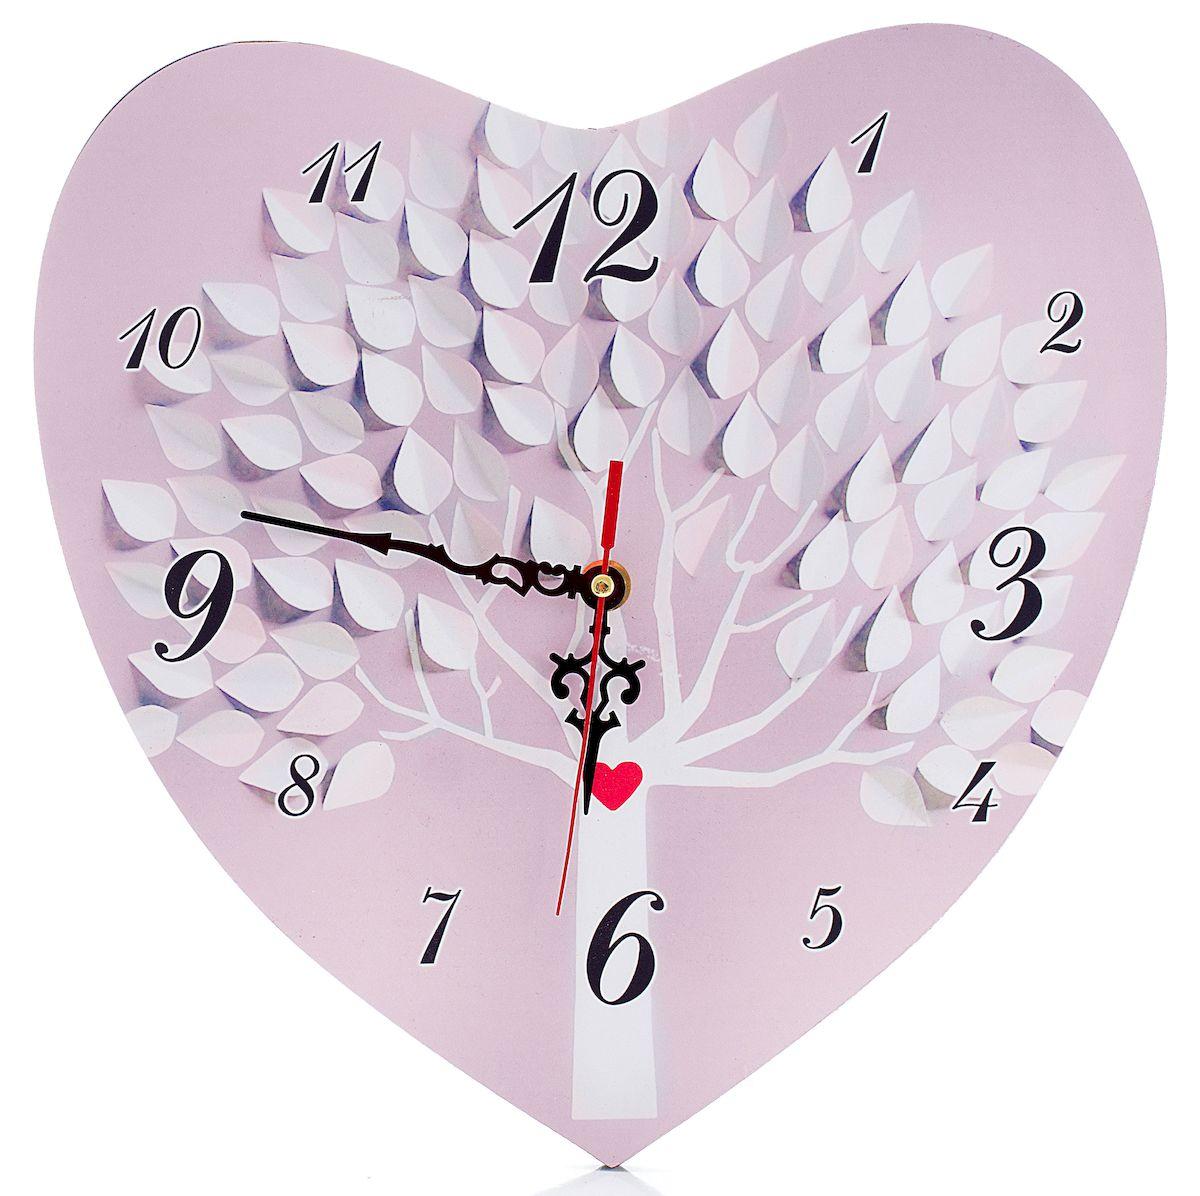 Часы настенные Русские Подарки Сердце, диаметр 30 см. 3824338243Настенные кварцевые часы Русские Подарки Сердце изготовлены из МДФ. Корпус оригинально оформлен в виде сердечка. Часы имеют три стрелки - часовую, минутную и секундную. С обратной стороны имеется петелька для подвешивания на стену.Такие часы красиво и необычно оформят интерьер дома или офиса. Также часы могут стать уникальным, полезным подарком для родственников, коллег, знакомых и близких. Часы работают от батареек типа АА (в комплект не входят).